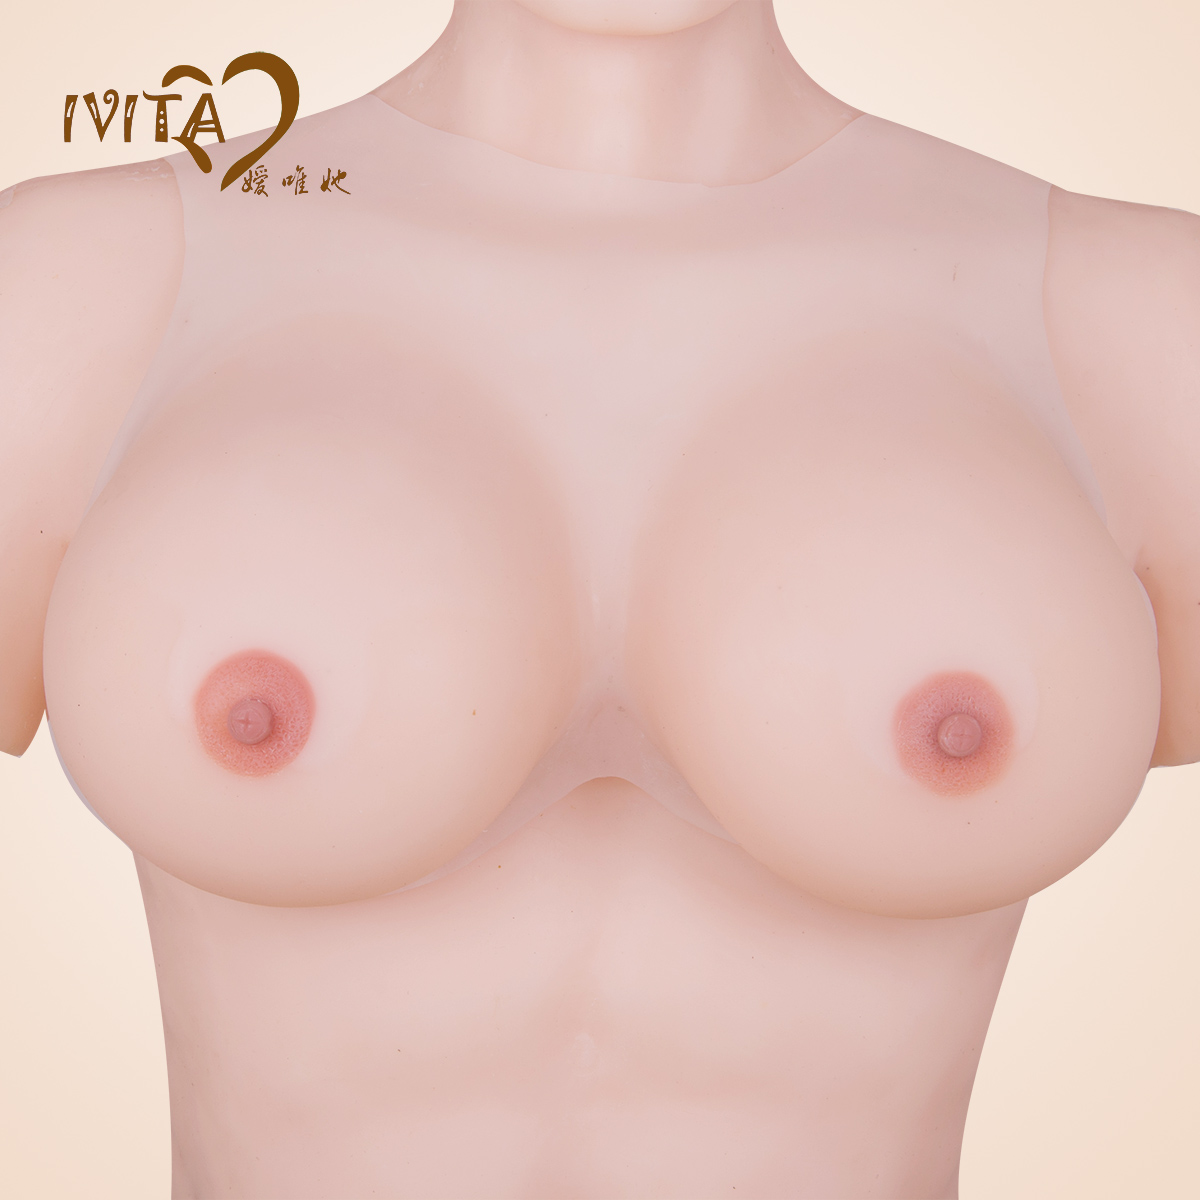 Реалистичная накладная грудь 5 фотография